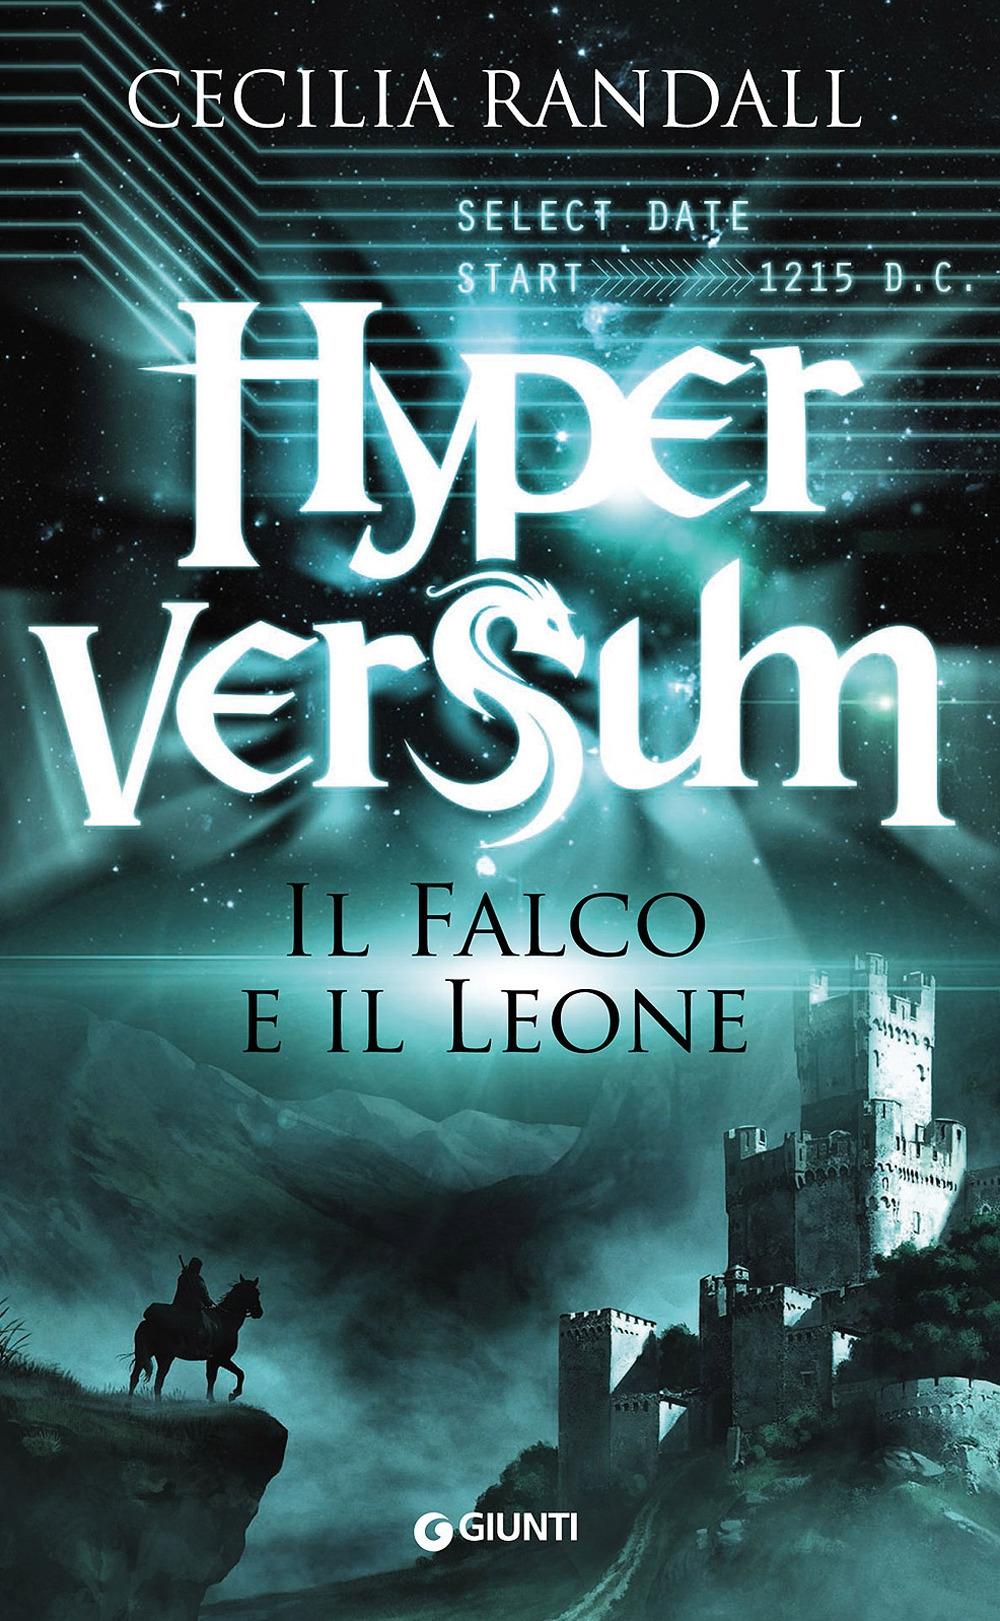 Il falco e il leone. Hyperversum. Vol. 2.